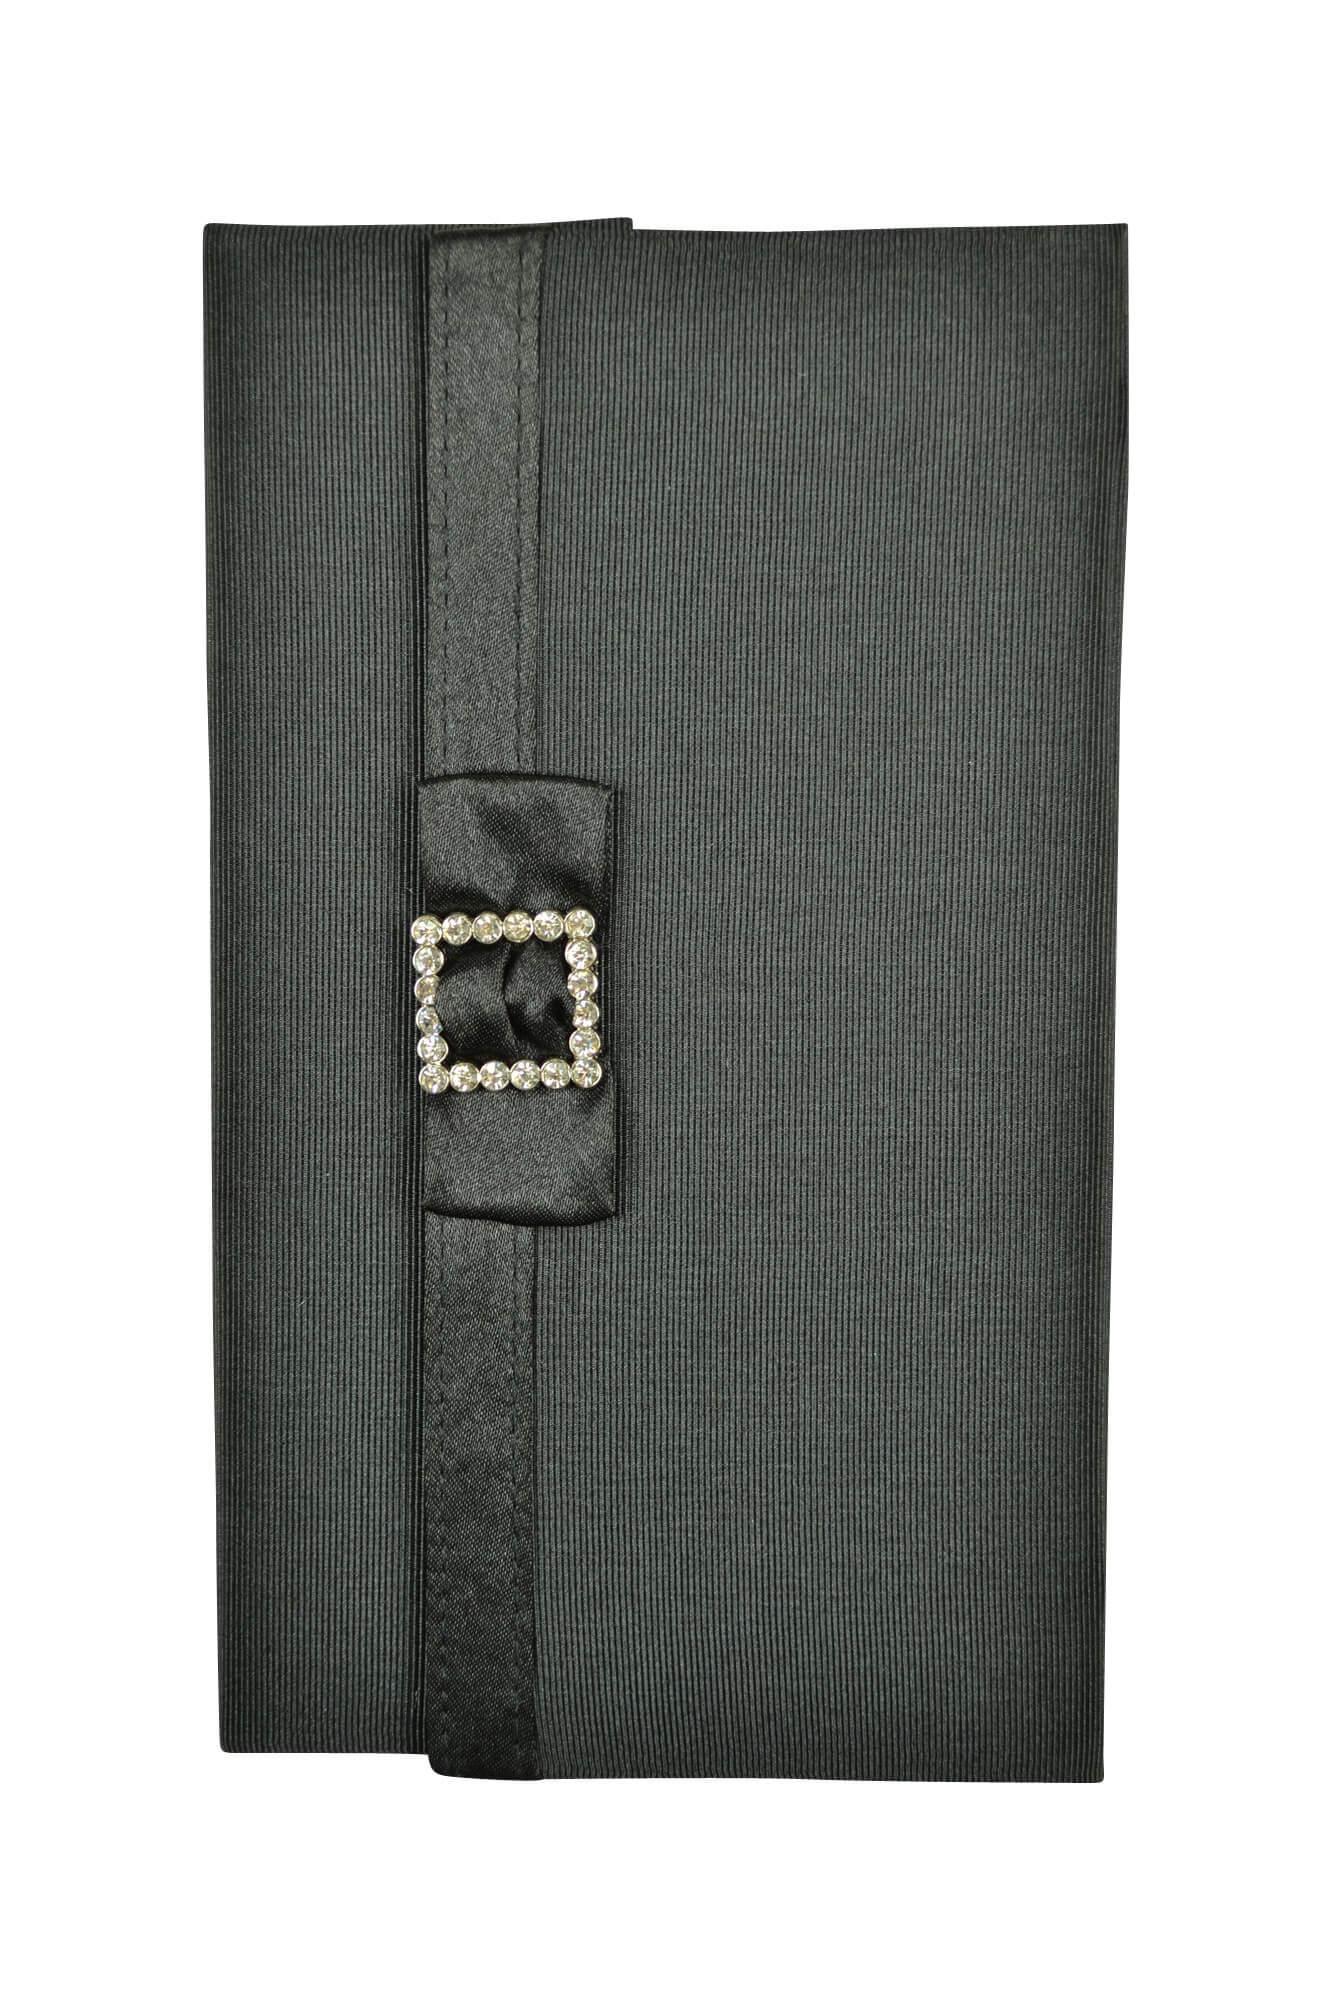 バサージュ ミニョン(passage mignon) ブラックシンプルクリスタル袱紗